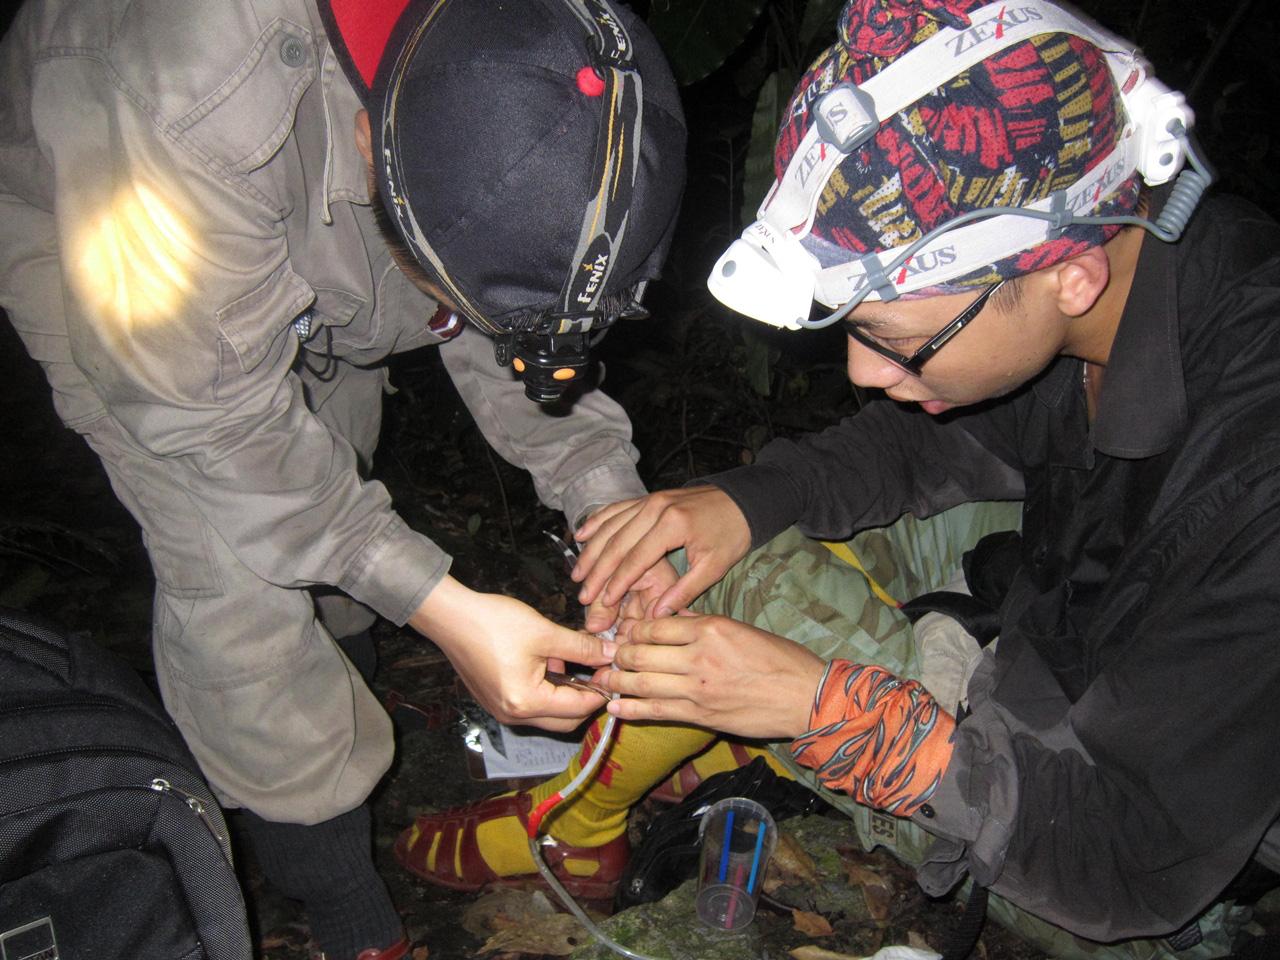 Ly kỳ chuyện đêm lạnh đi tìm loài thạch sùng mí bí ẩn ở Vịnh Hạ Long - Ảnh 8.